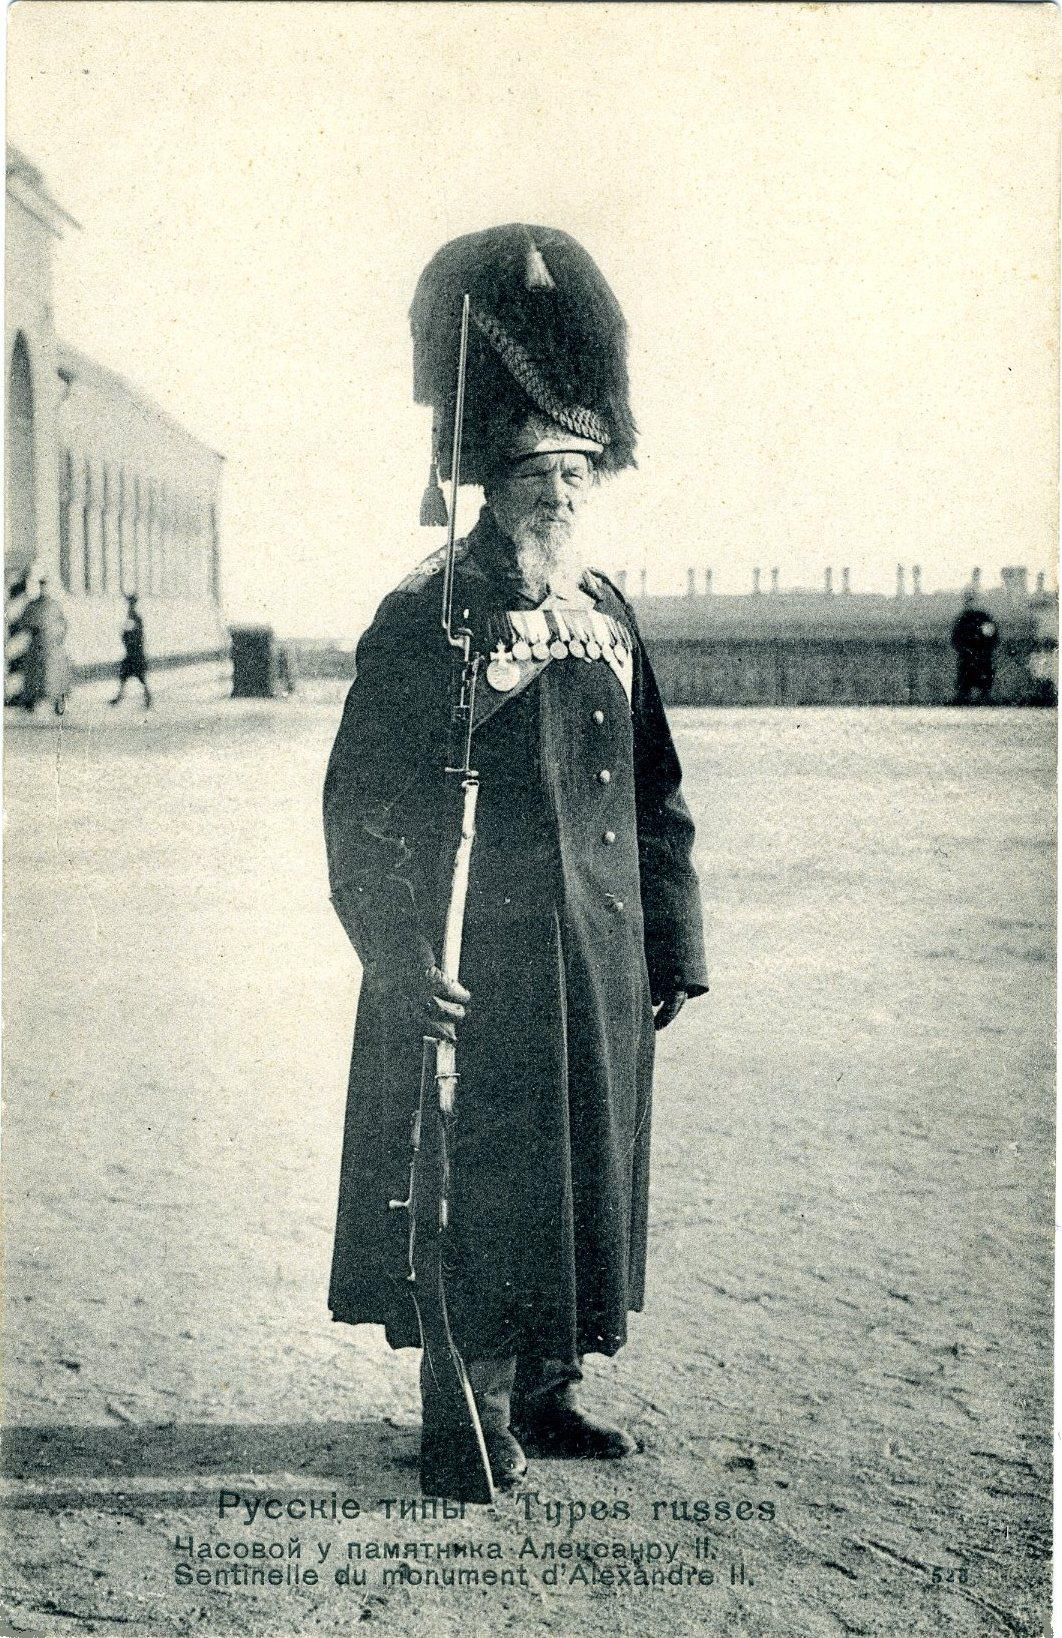 Часовой у памятника Александру II